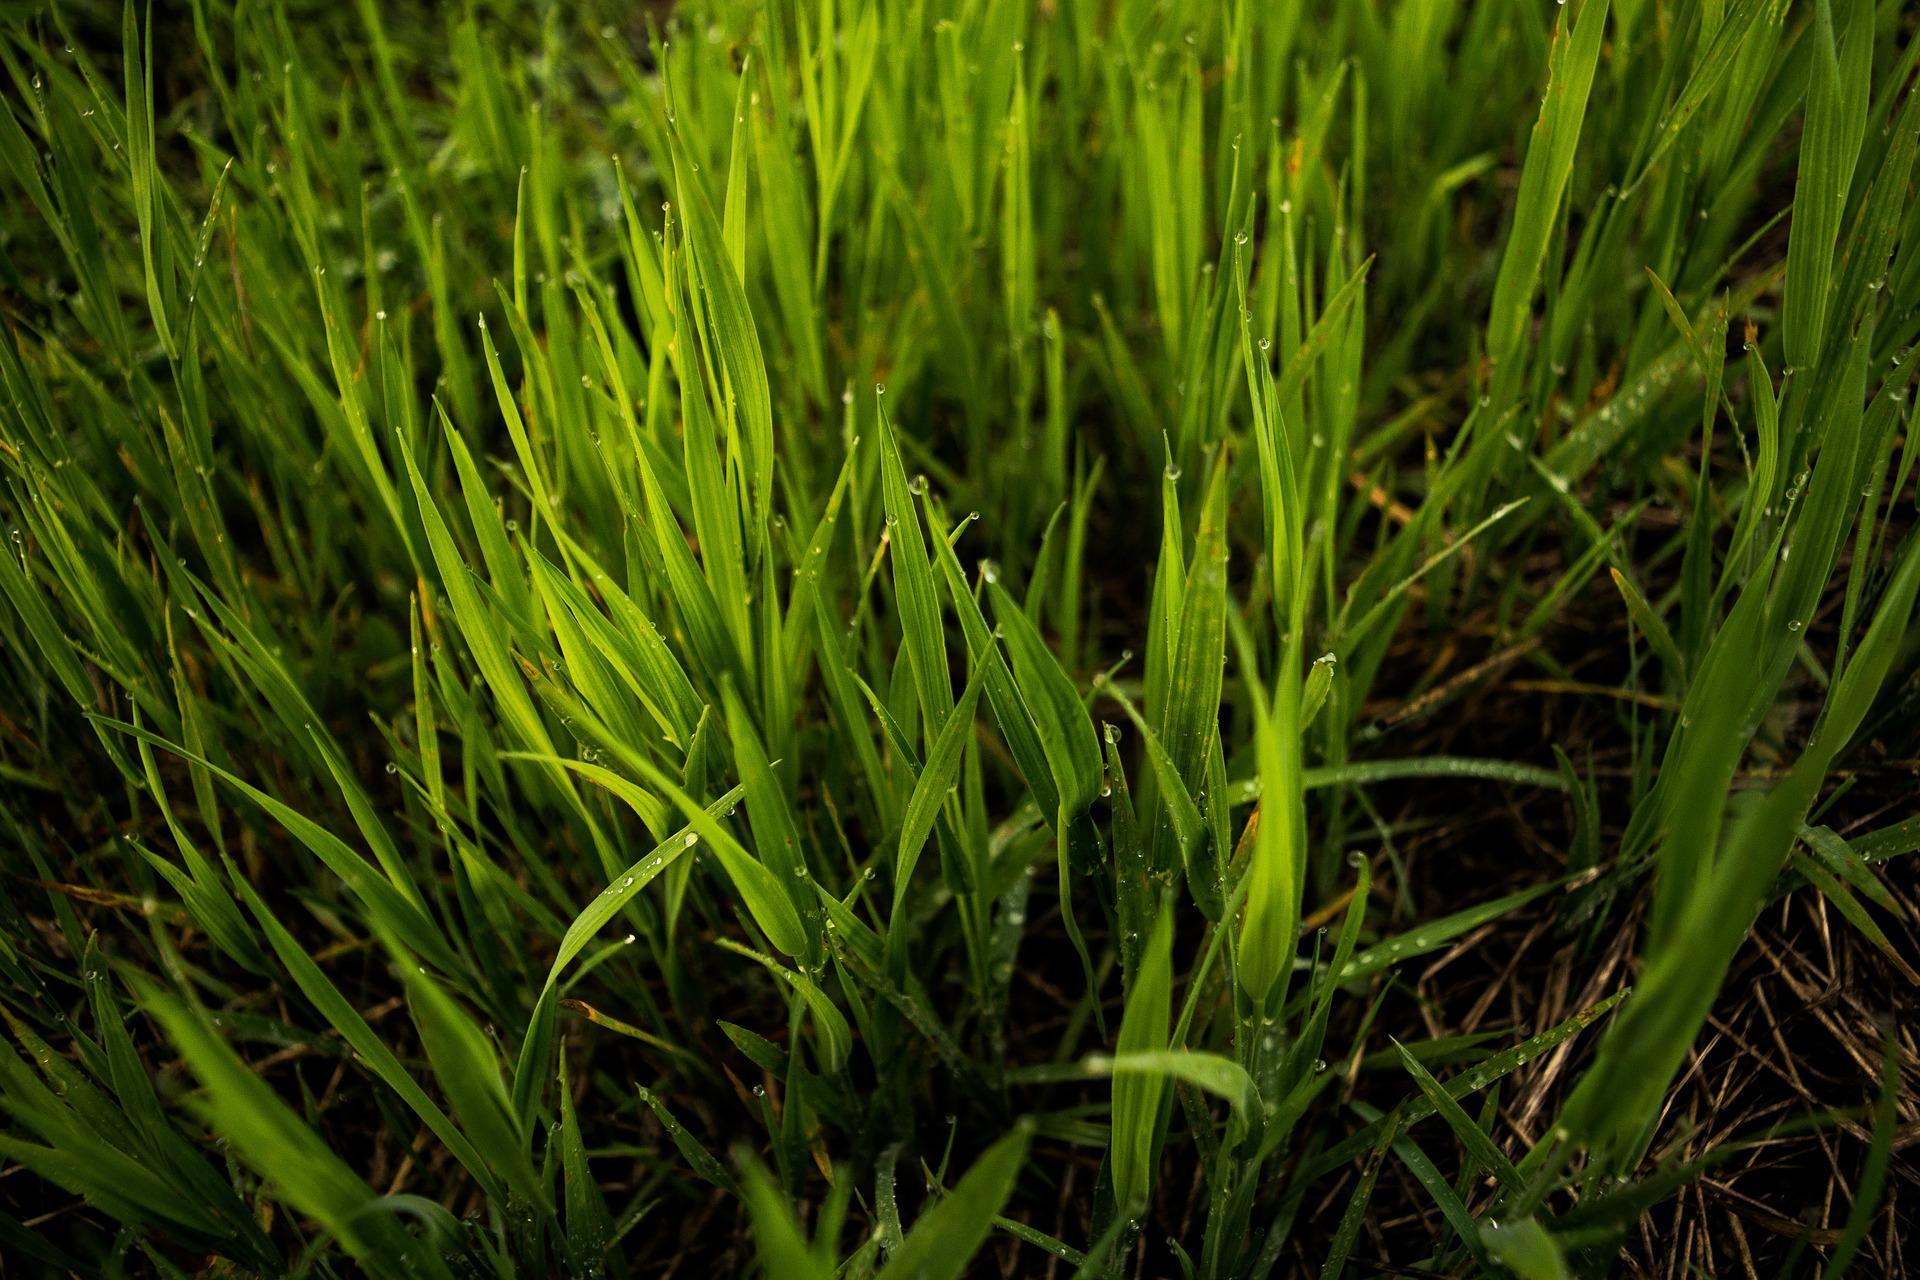 grass-839561_1920